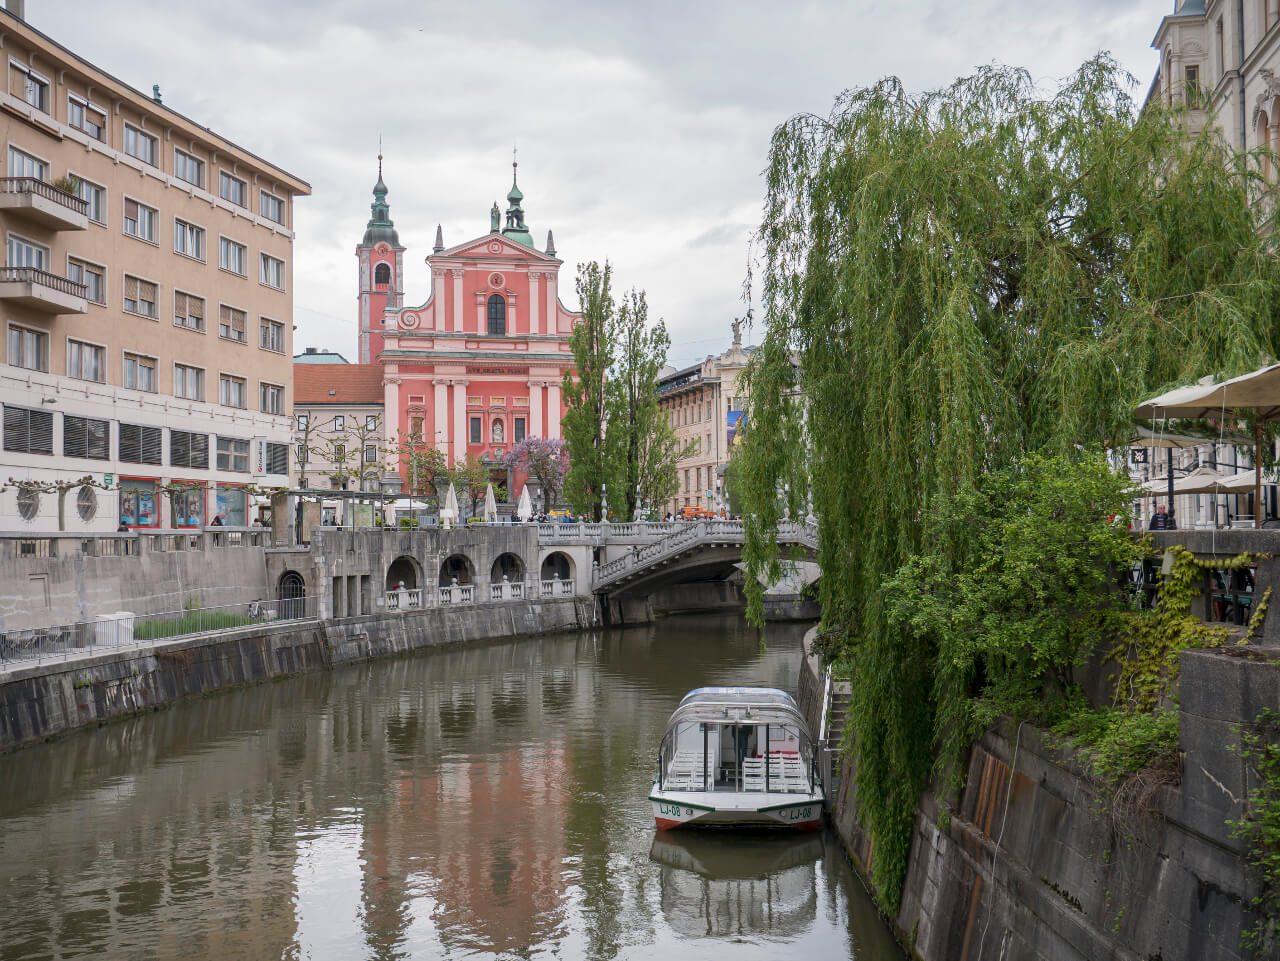 Rzeka Ljubljanica ze statkiem wycieczkowym (Słowenia)